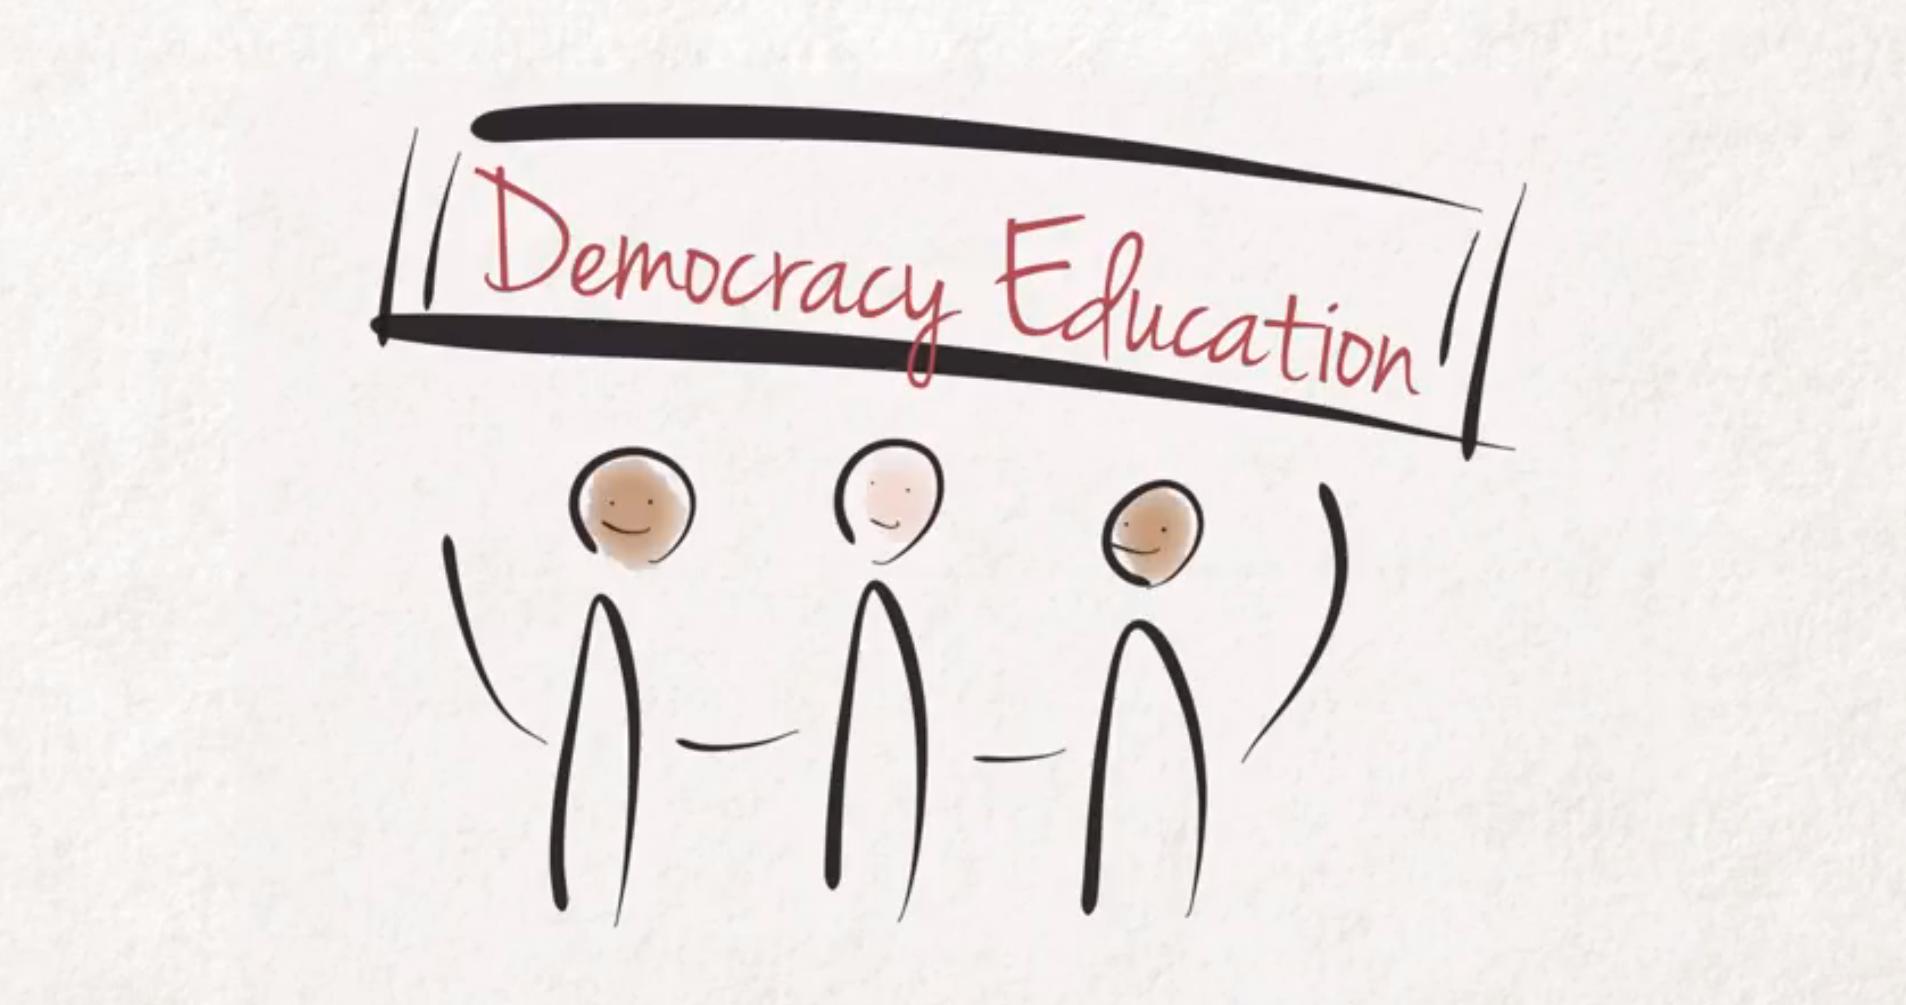 výchova k demokracii